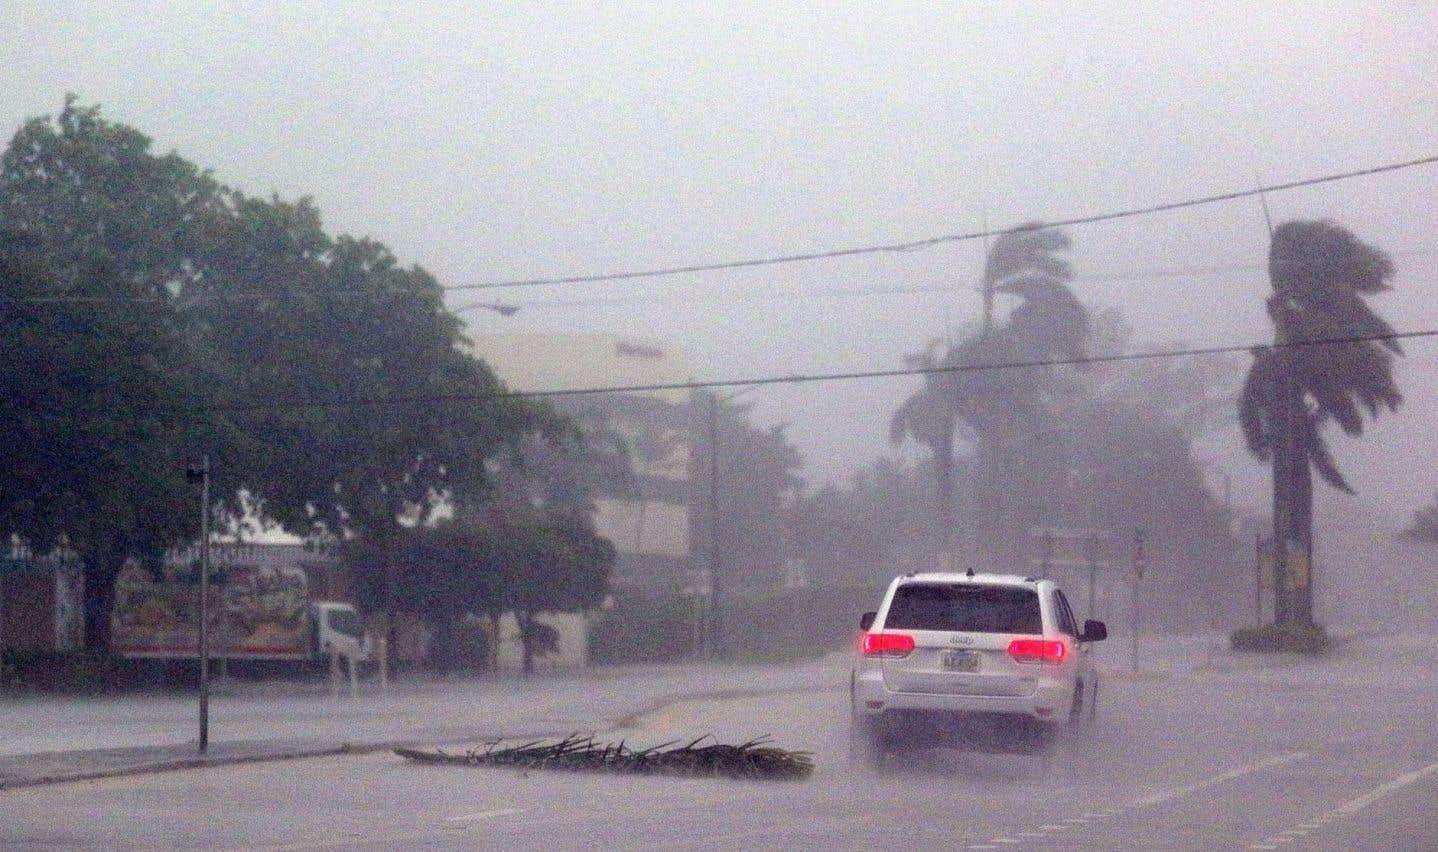 L'ouragan se déplace à la vitesse de 13 km/h vers la côte ouest.